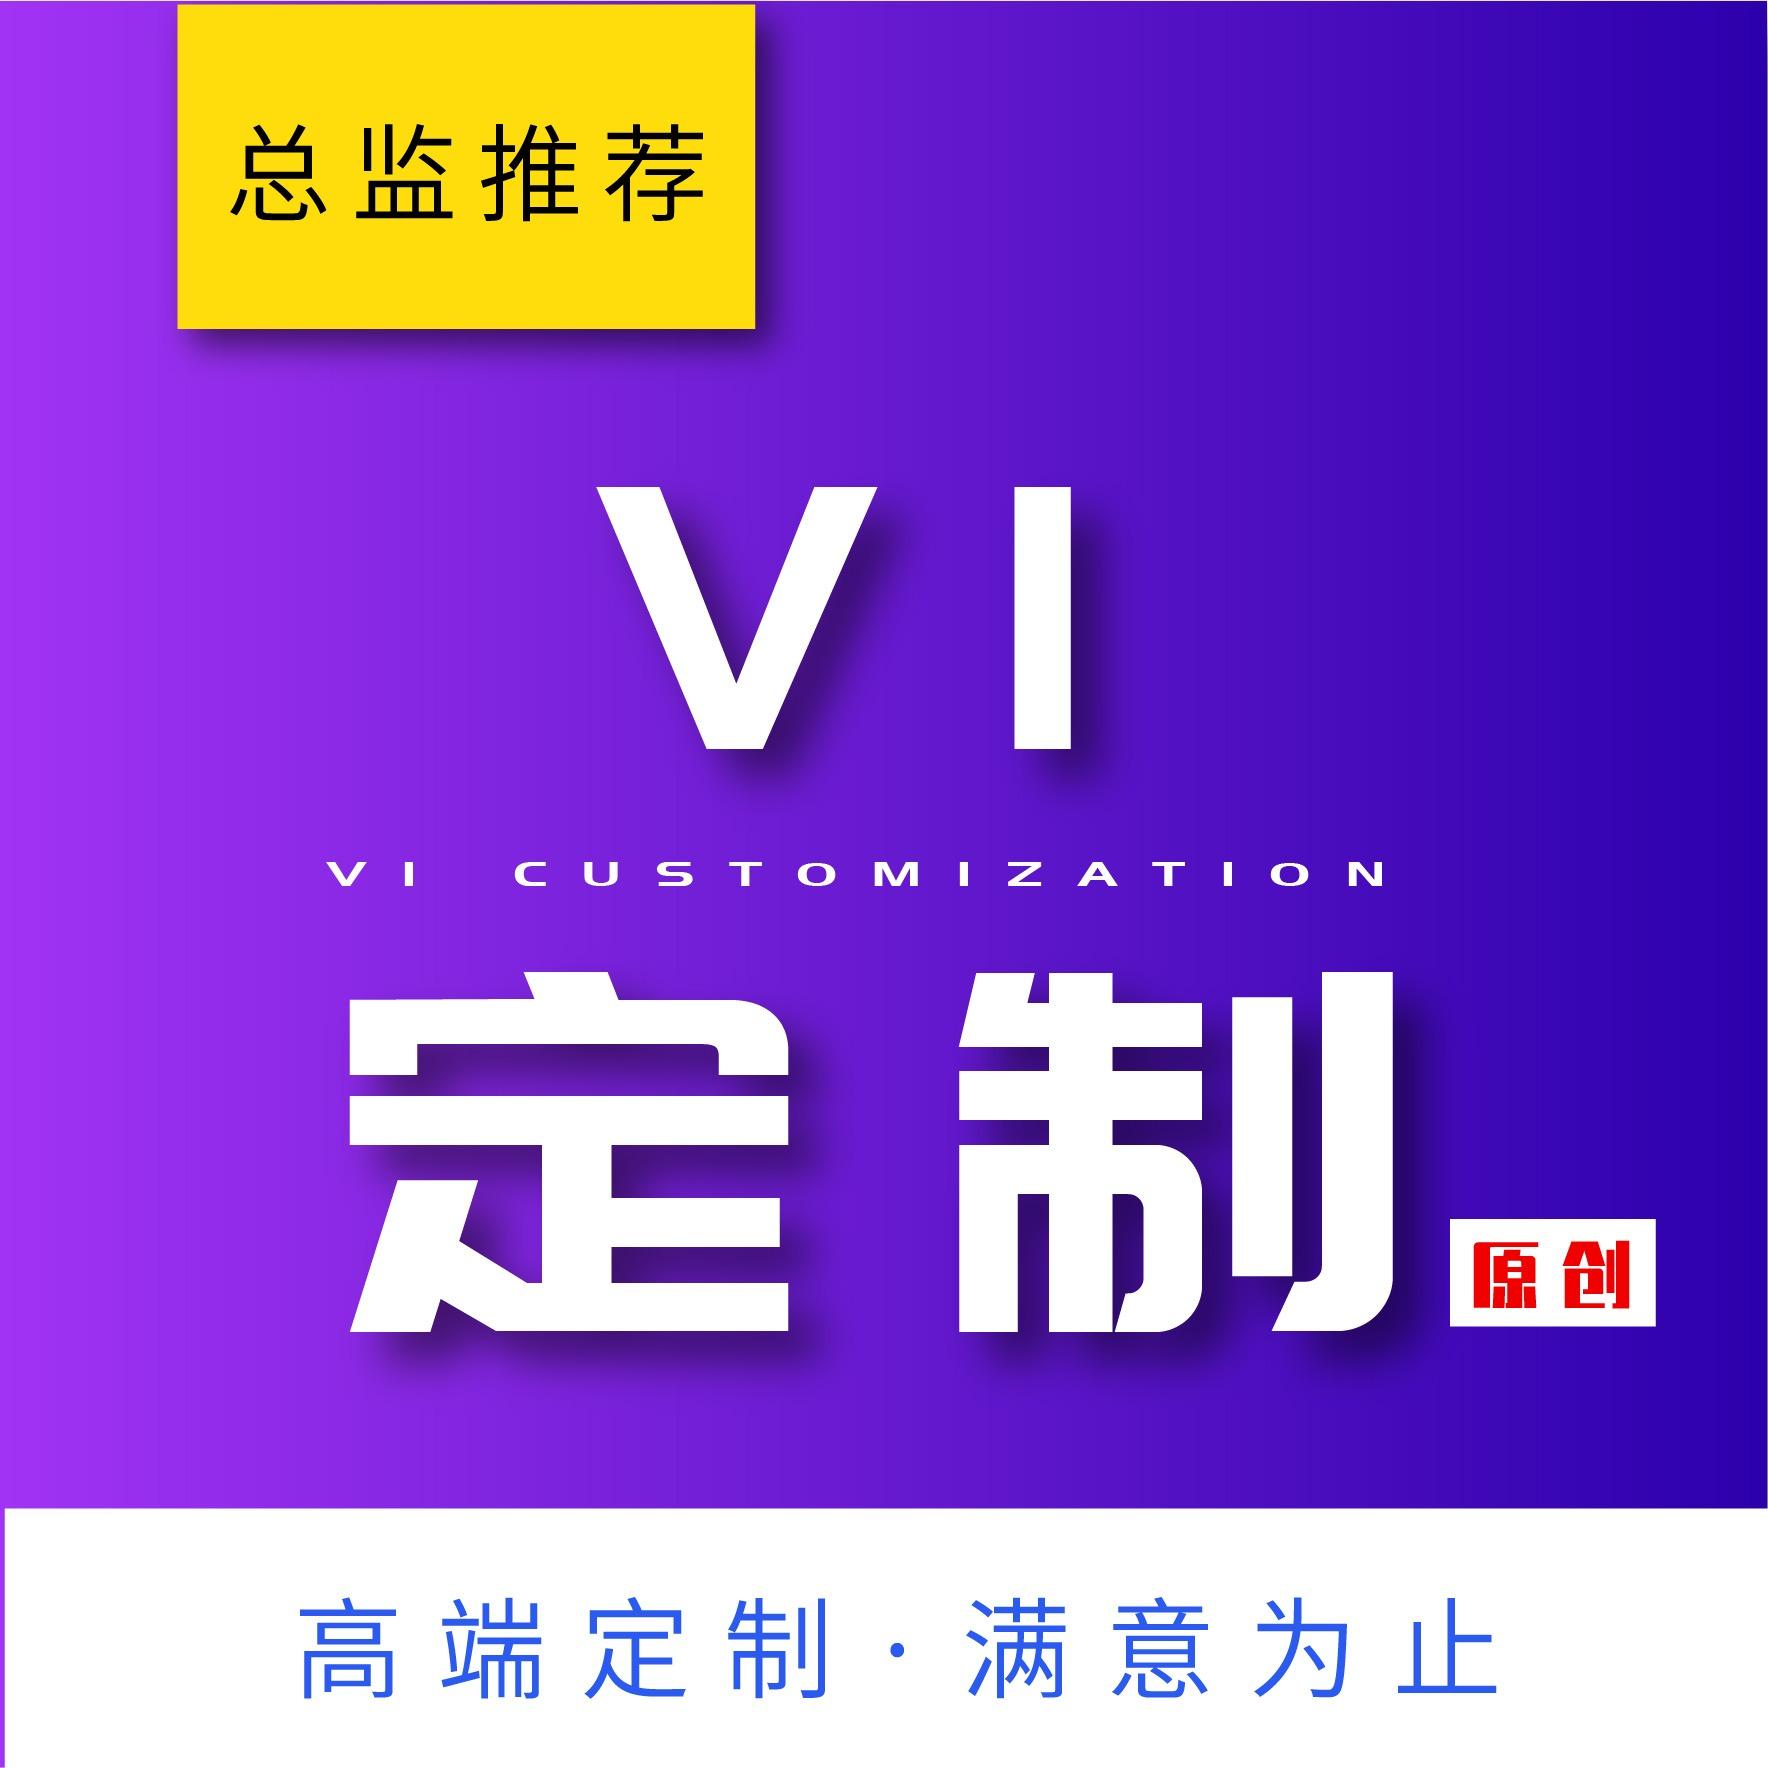 商场超市交通运输工业制造互联网运动体育销售 VI 系统规范 设计